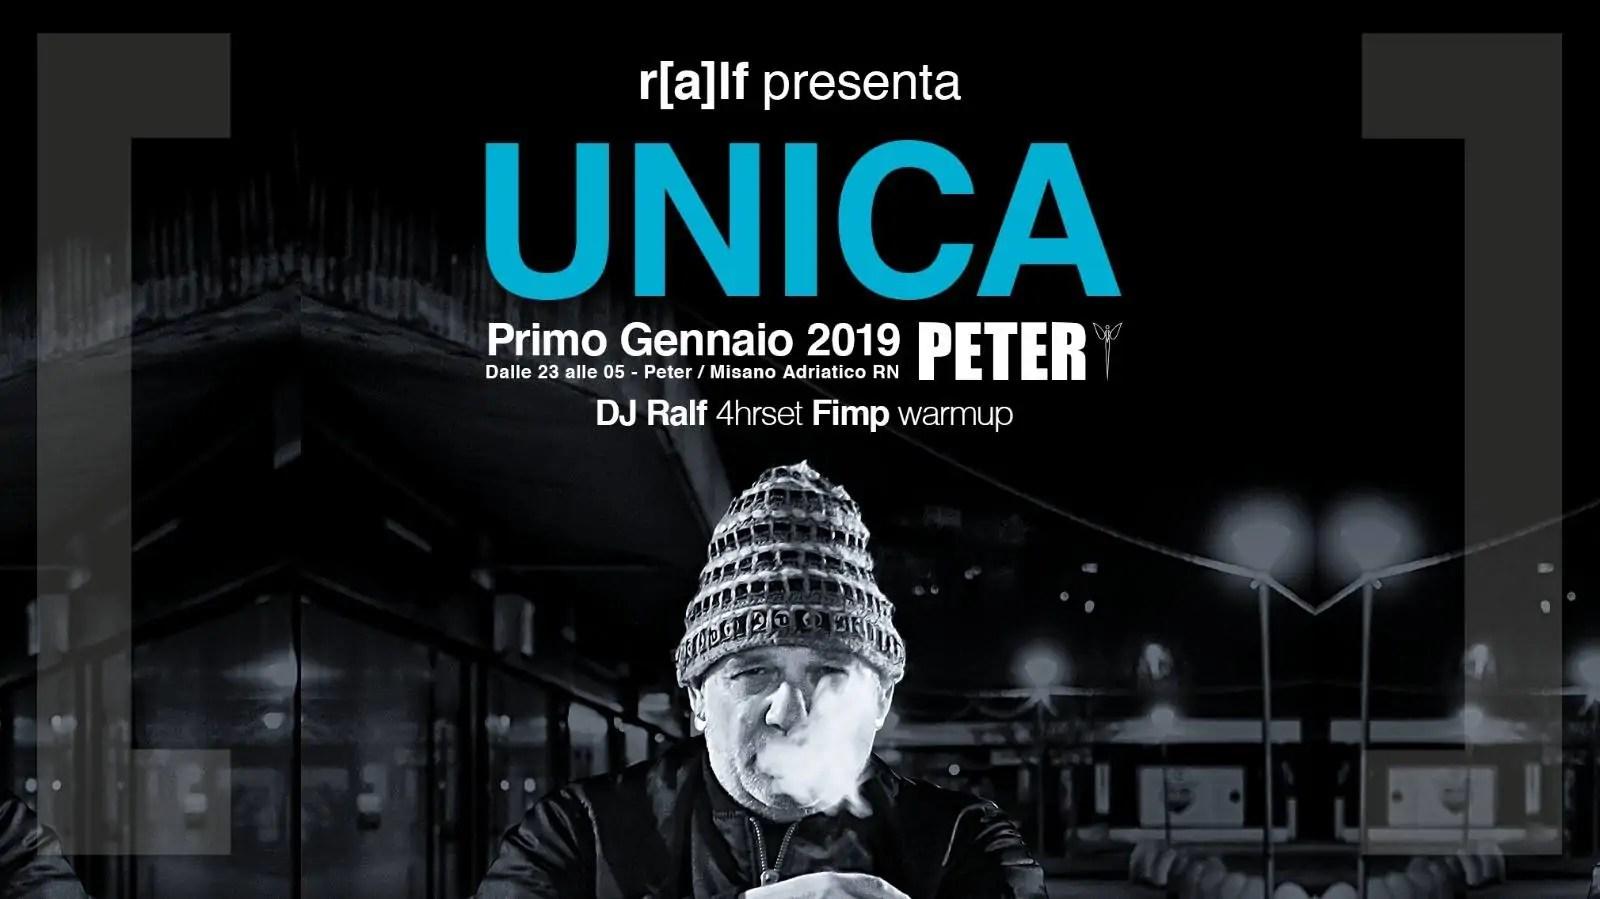 Dj Ralf Peter Pan Riccione 01 Gennaio 2019 + Prezzi Ticket in Prevendita Biglietti Tavoli Liste Pacchetti Hotel